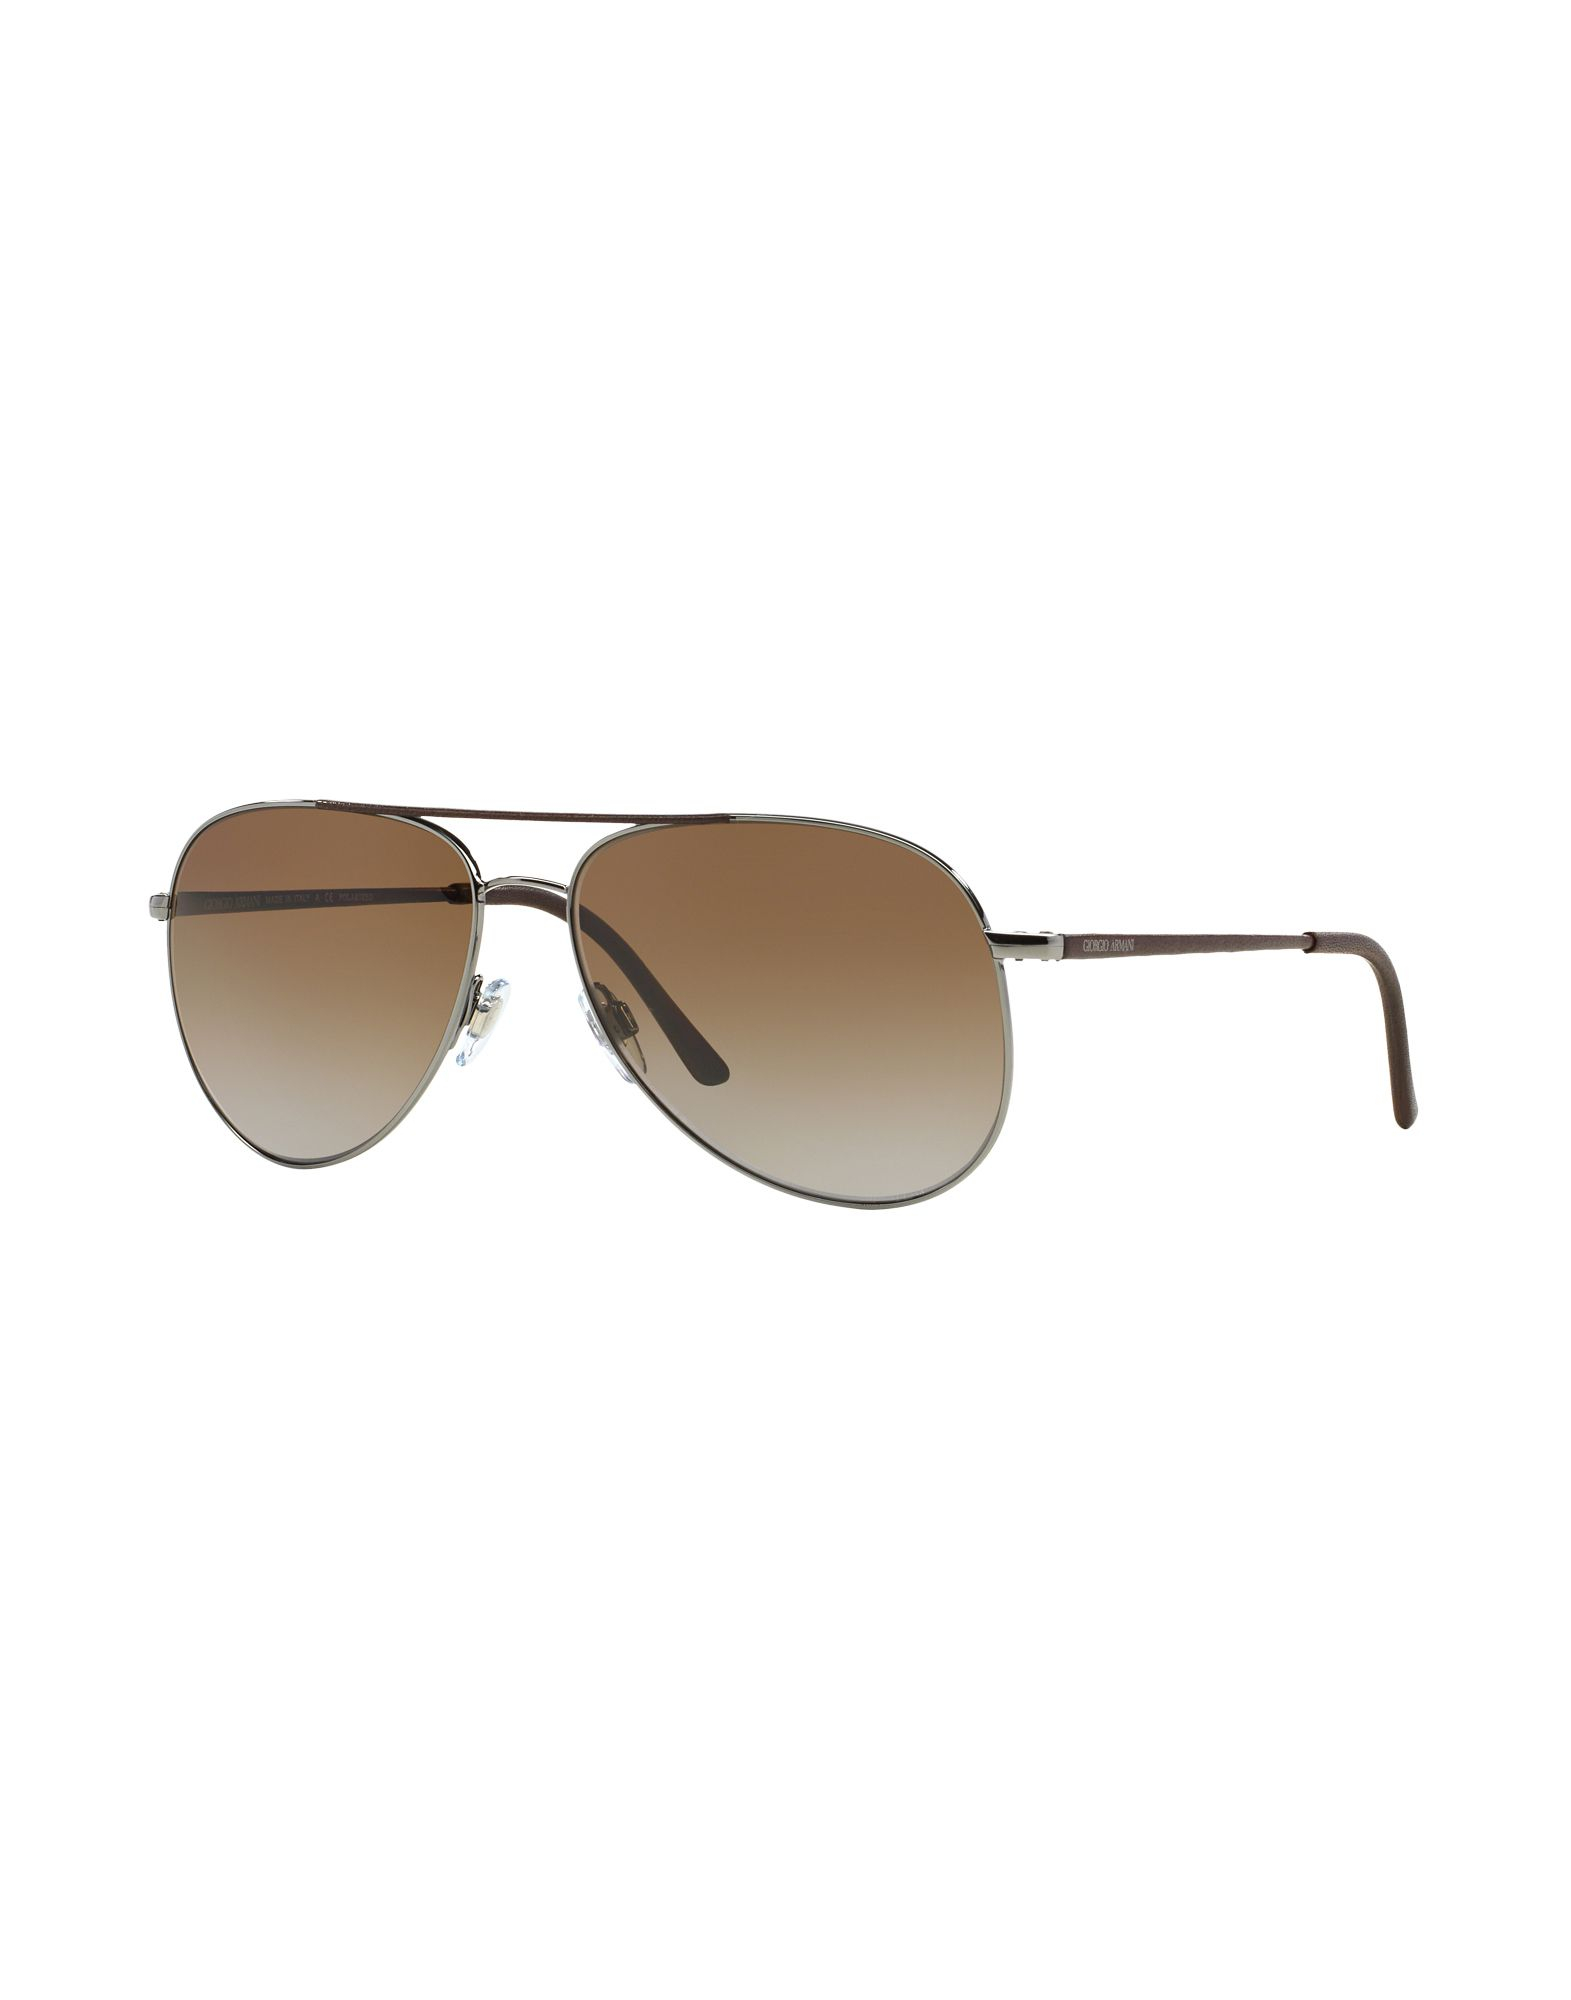 Giorgio armani Sunglasses in Silver - Save 17% | Lyst